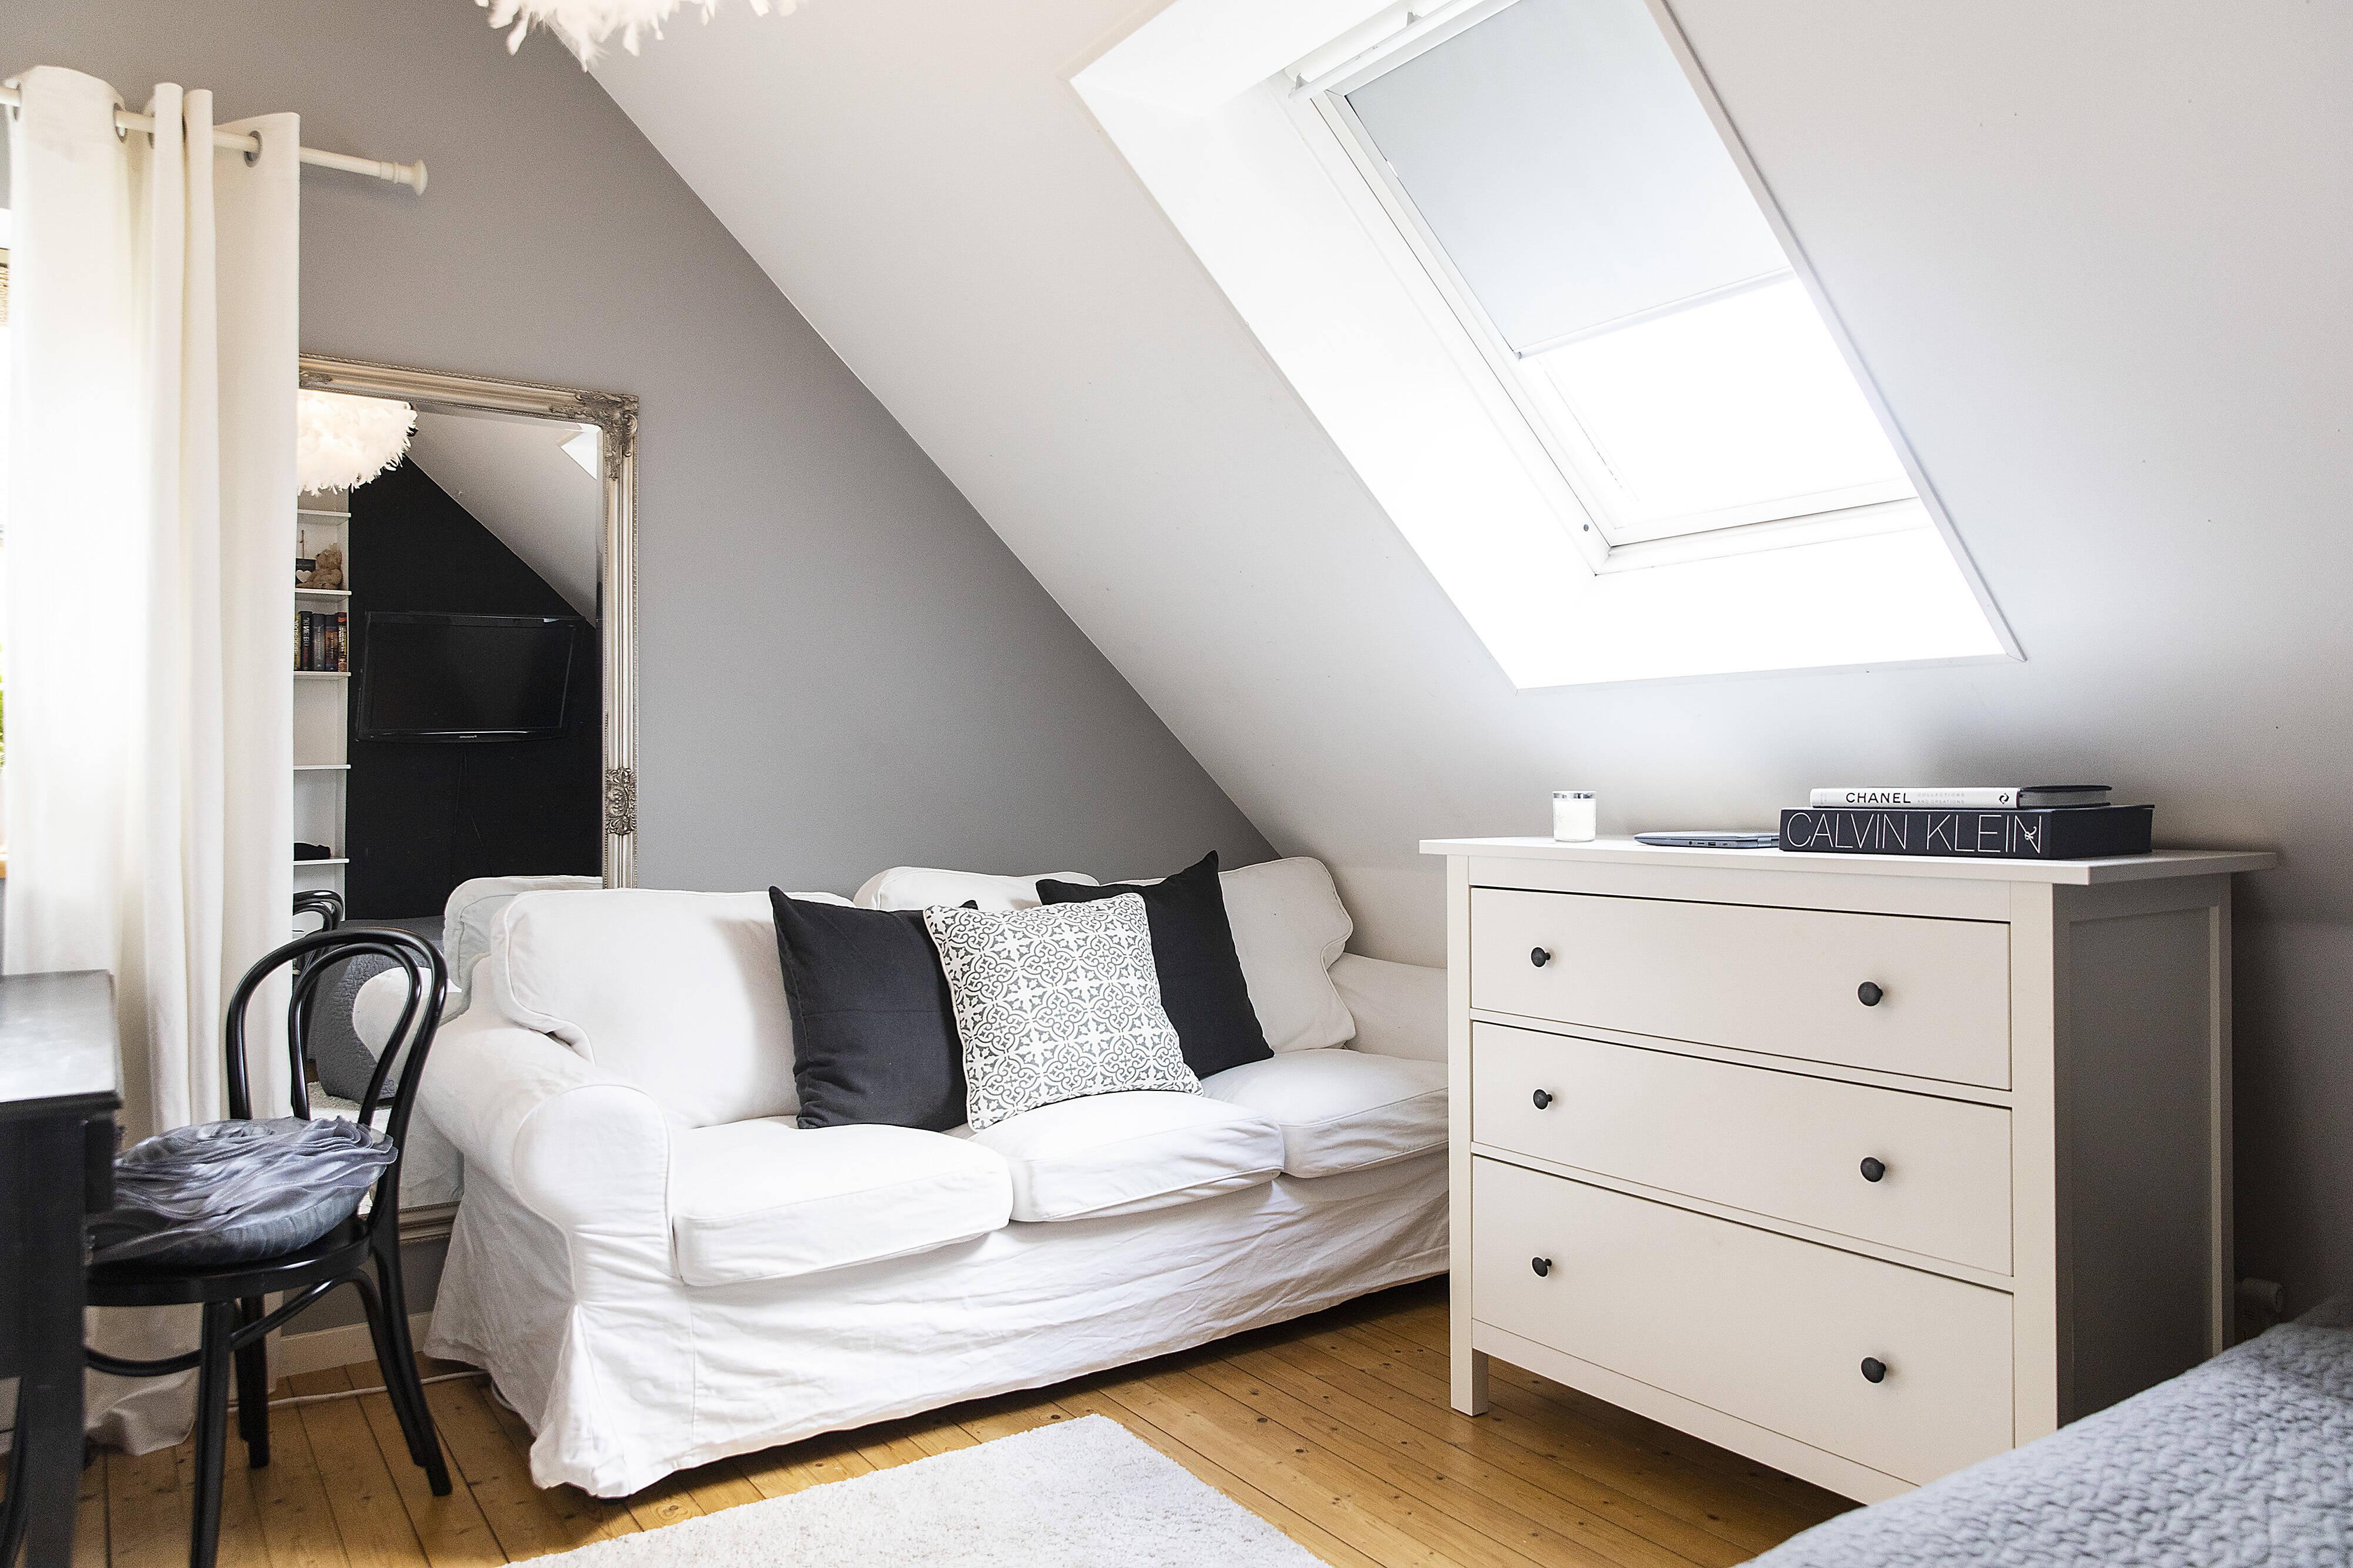 sovrum med takfönster som ger fint ljus i rummet